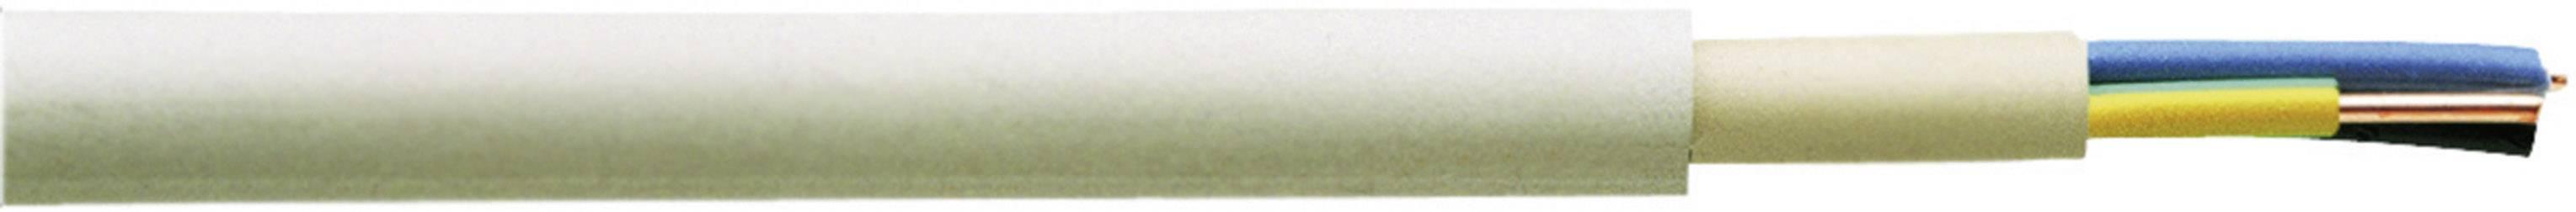 Opláštené vedenie Faber Kabel NYM-J 020002, 1 x 16 mm², metrový tovar, sivá